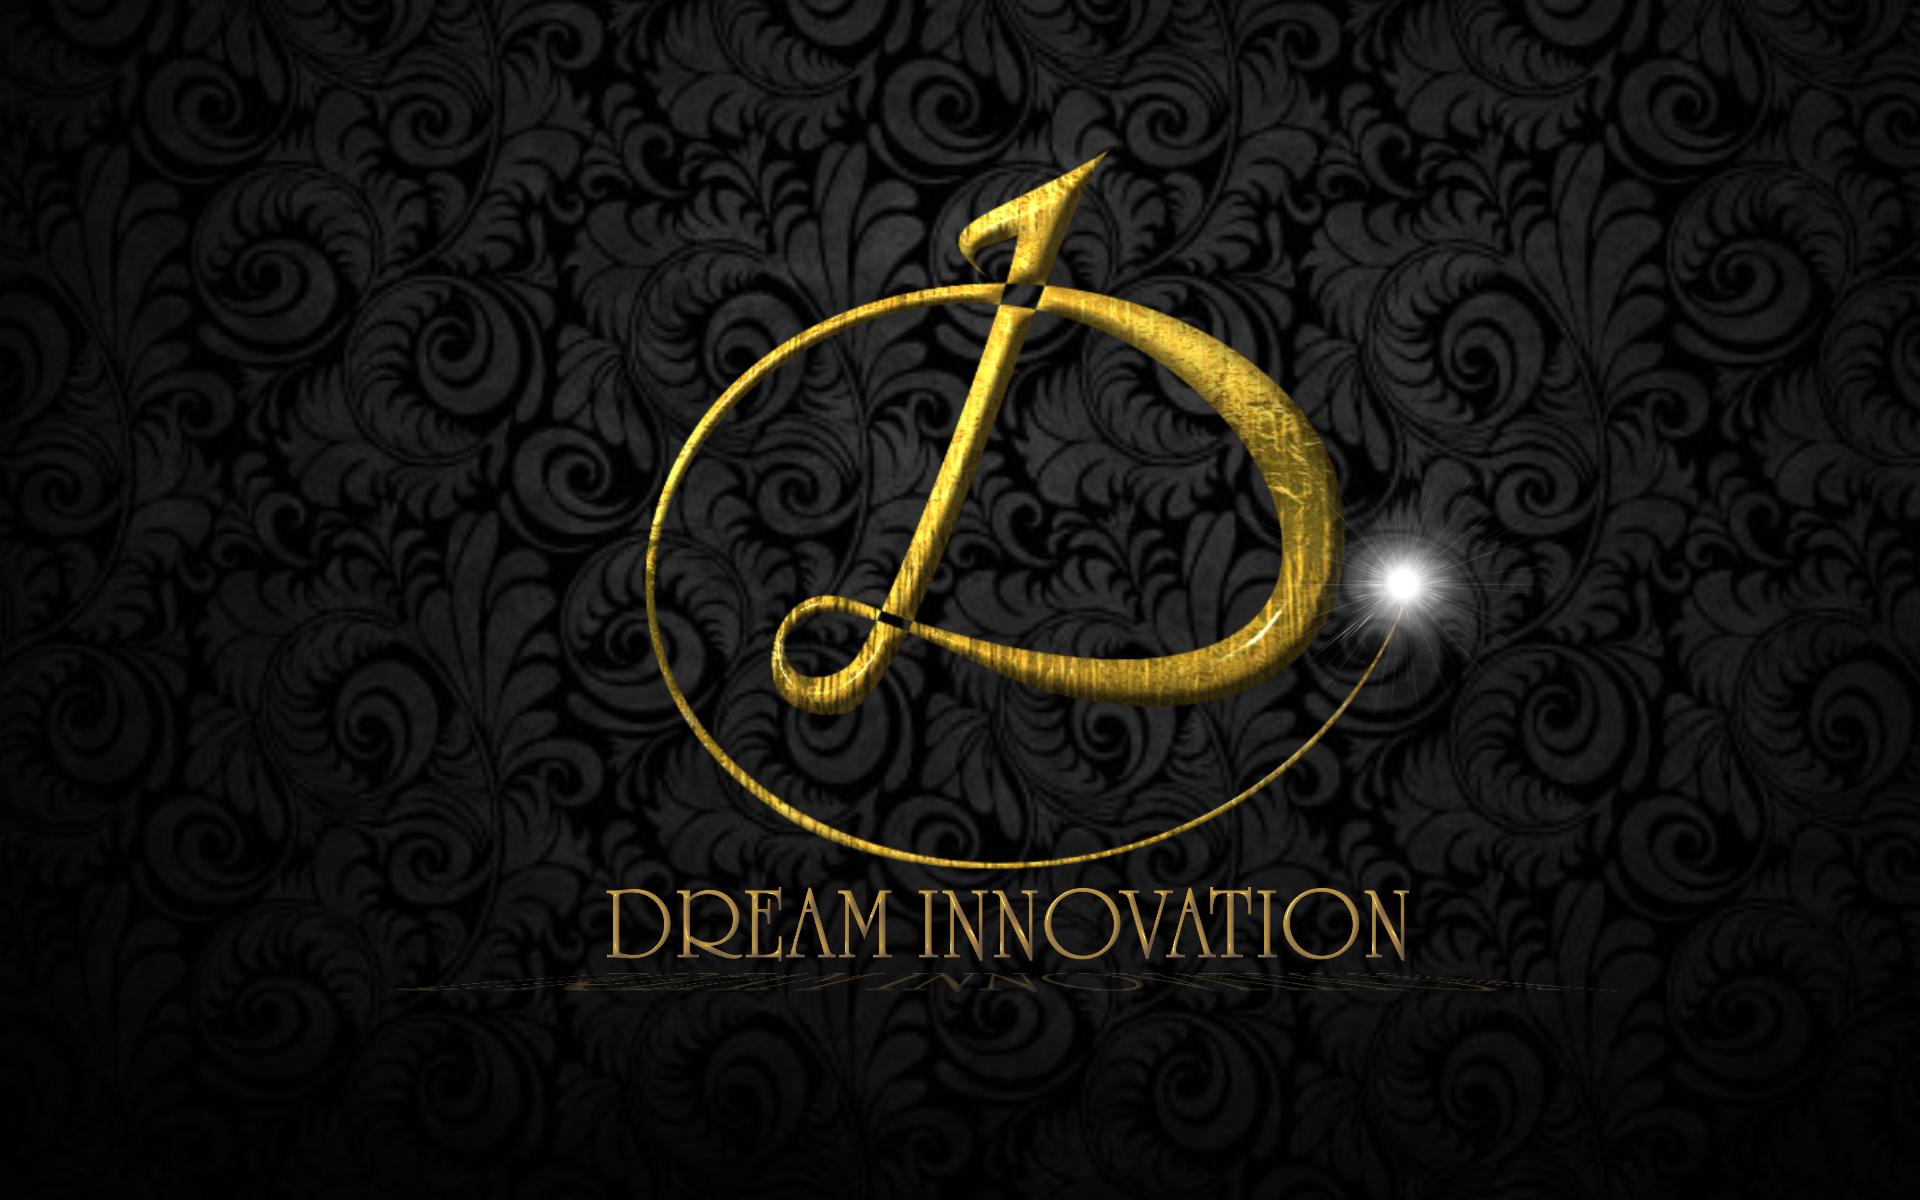 dream innovation logo